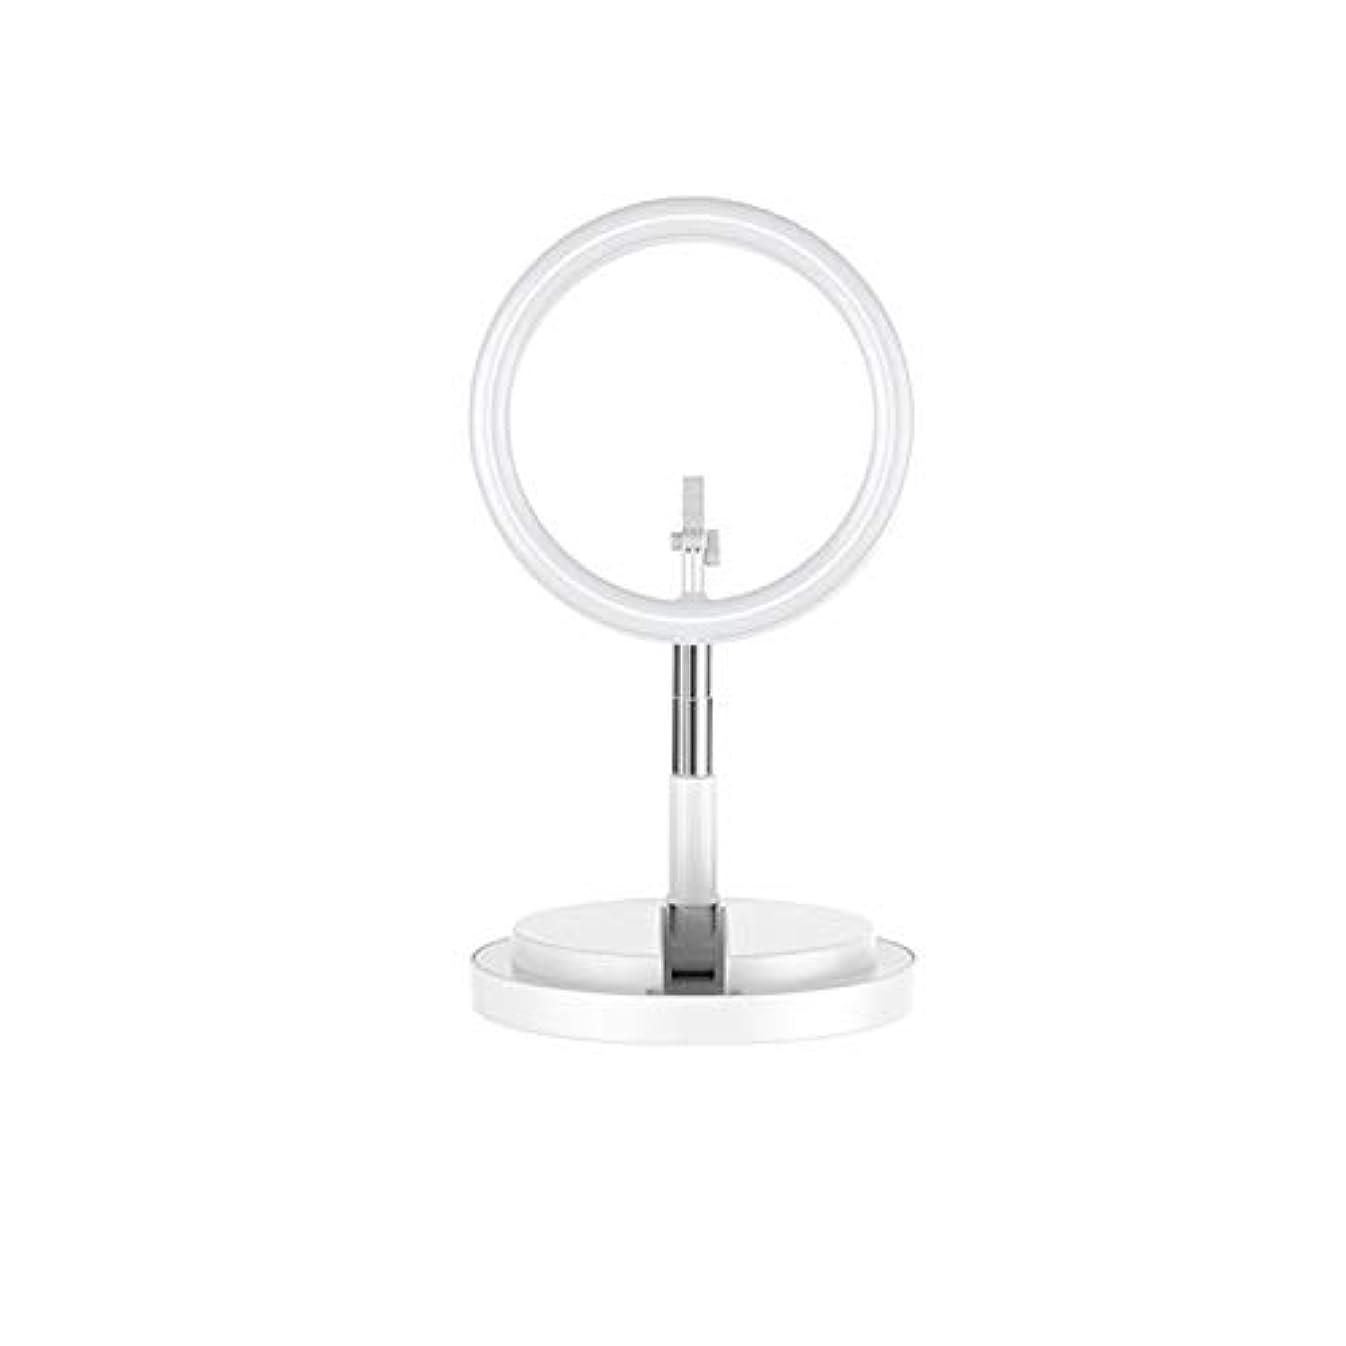 不足好き果てしないJarhit 折り畳み式のリングライト 26cm / 10インチ LED自己調光可能リングランプ ライブメイクYouTube適用